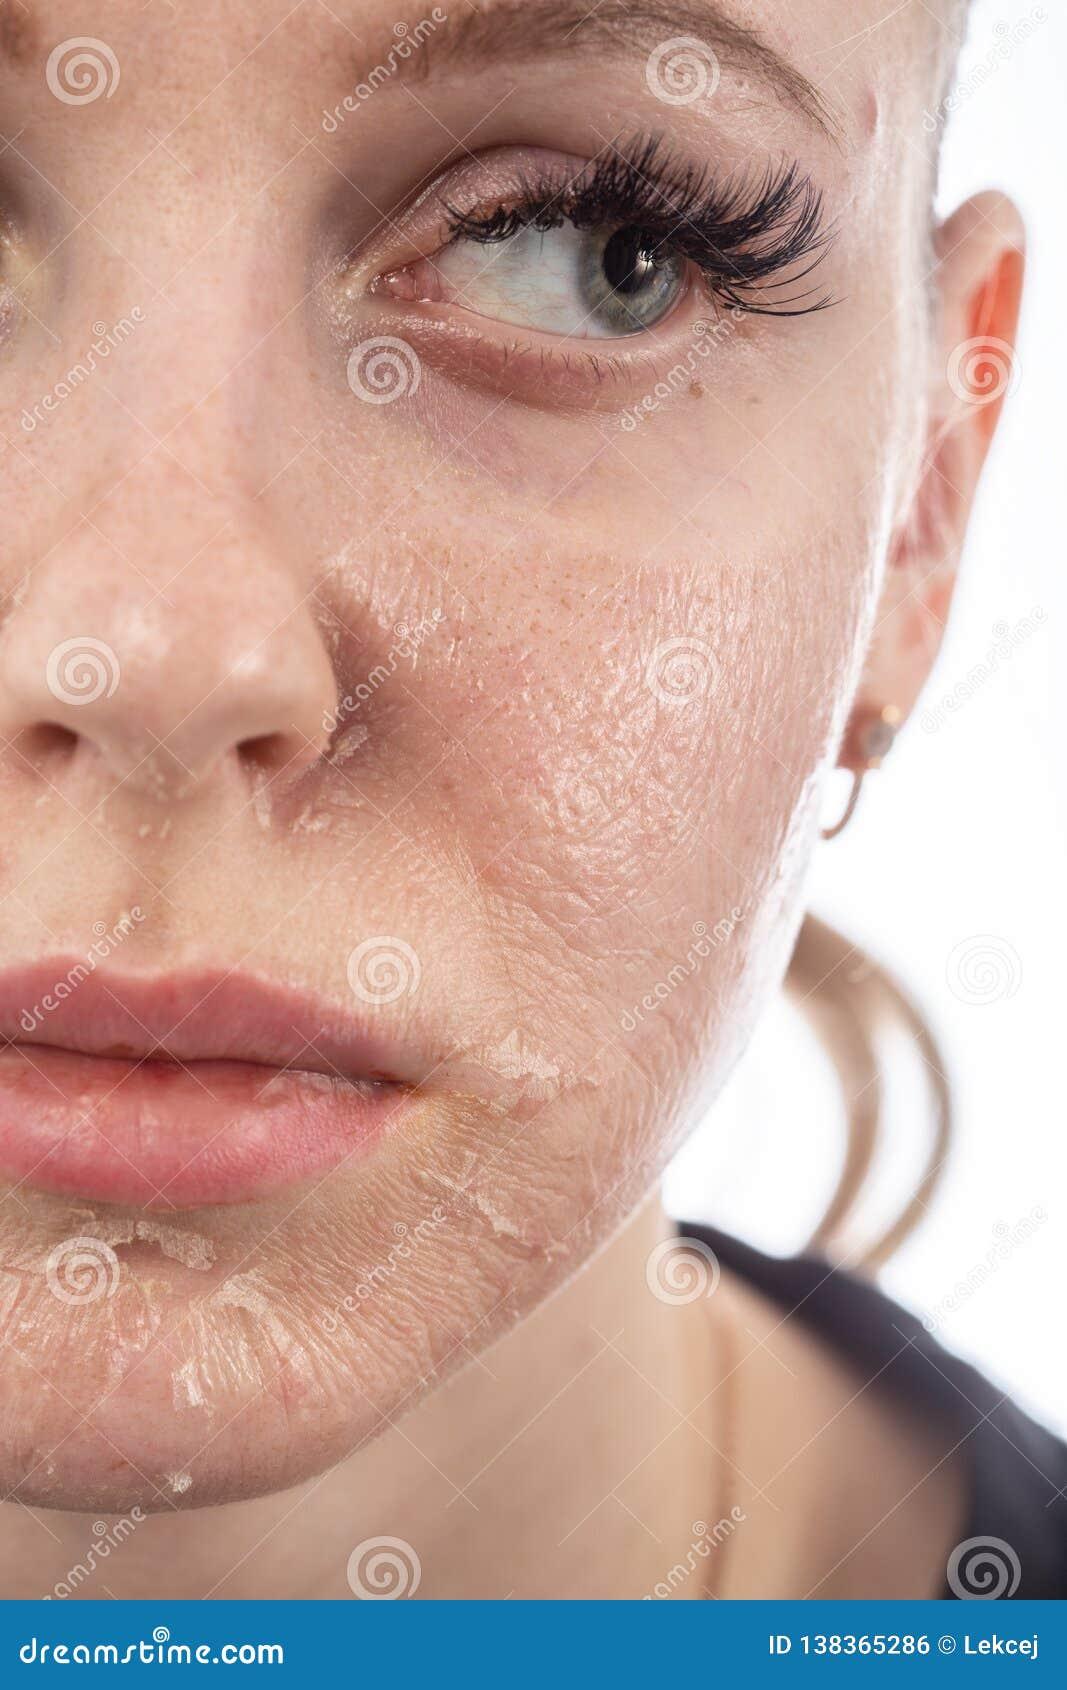 pelar la piel dela cara